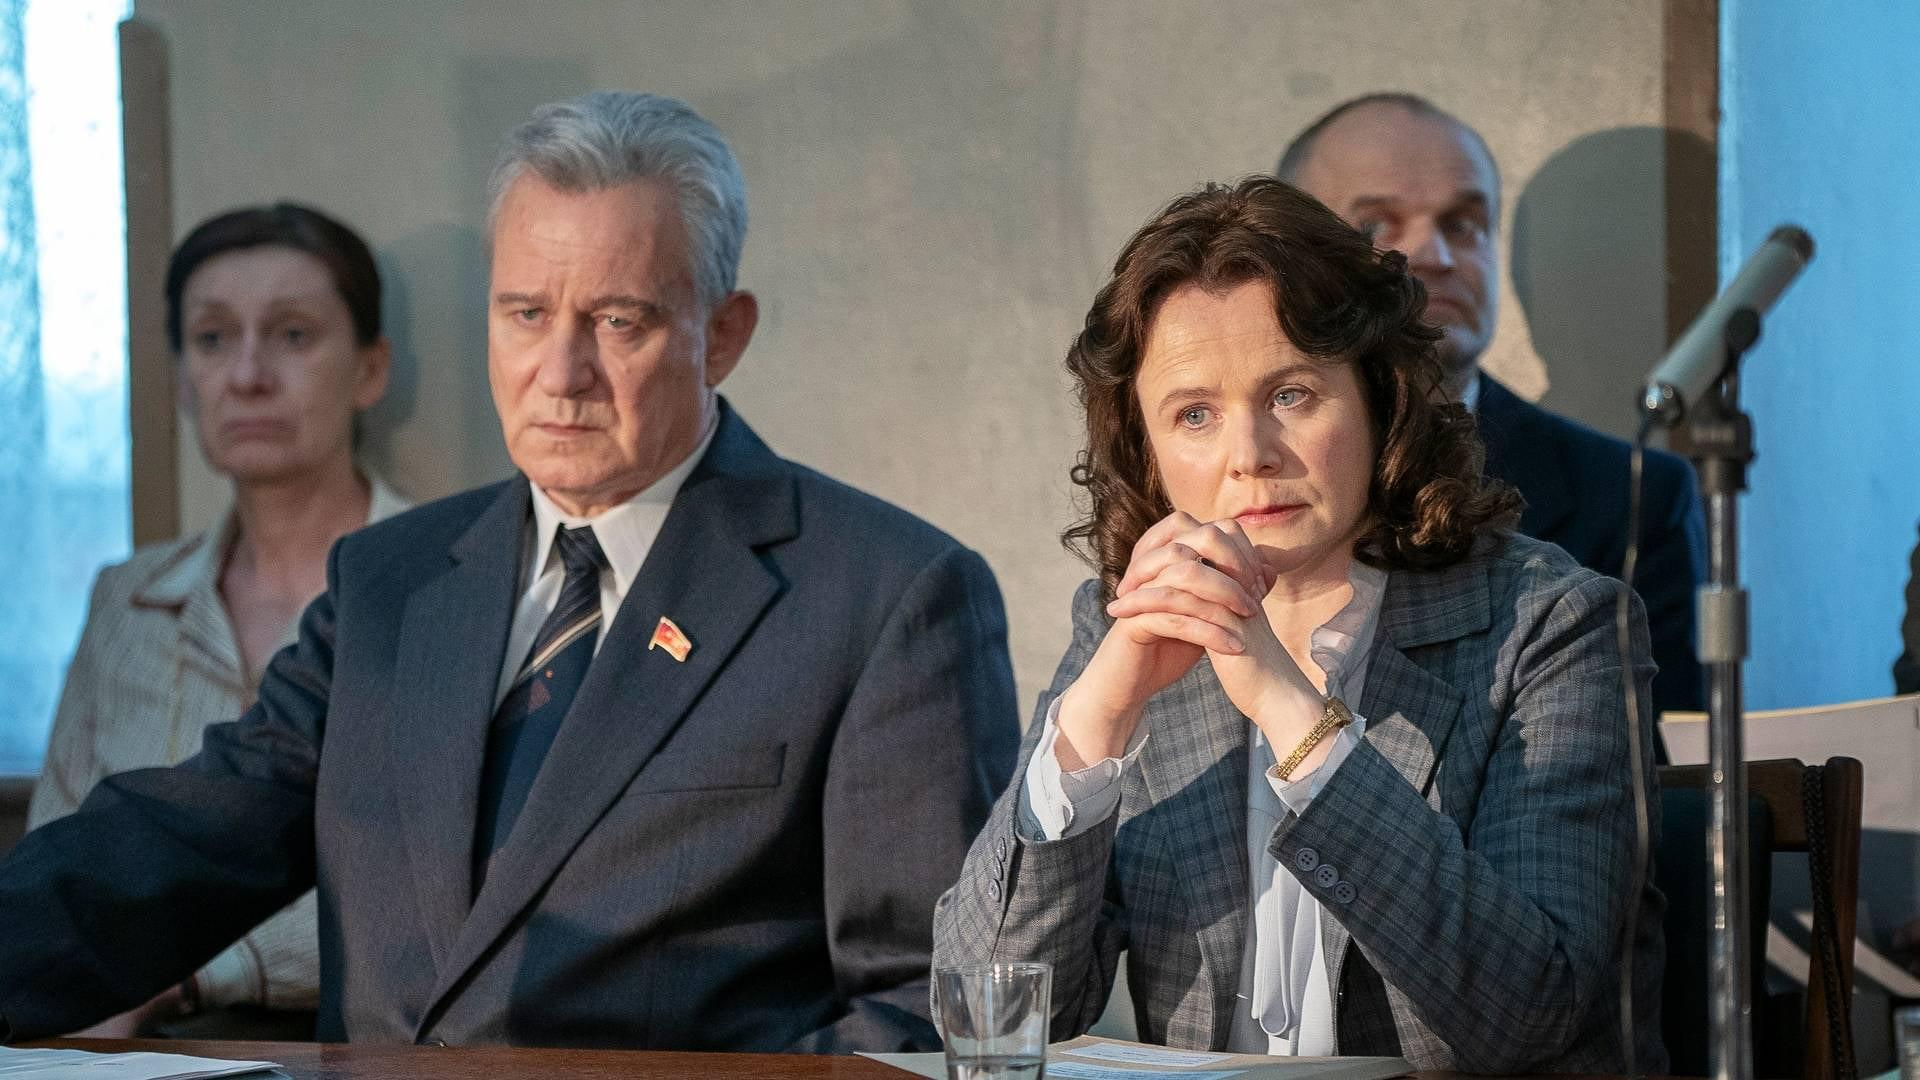 Сериал Чернобыль: что является правдой, а что выдумали, о чем сериал